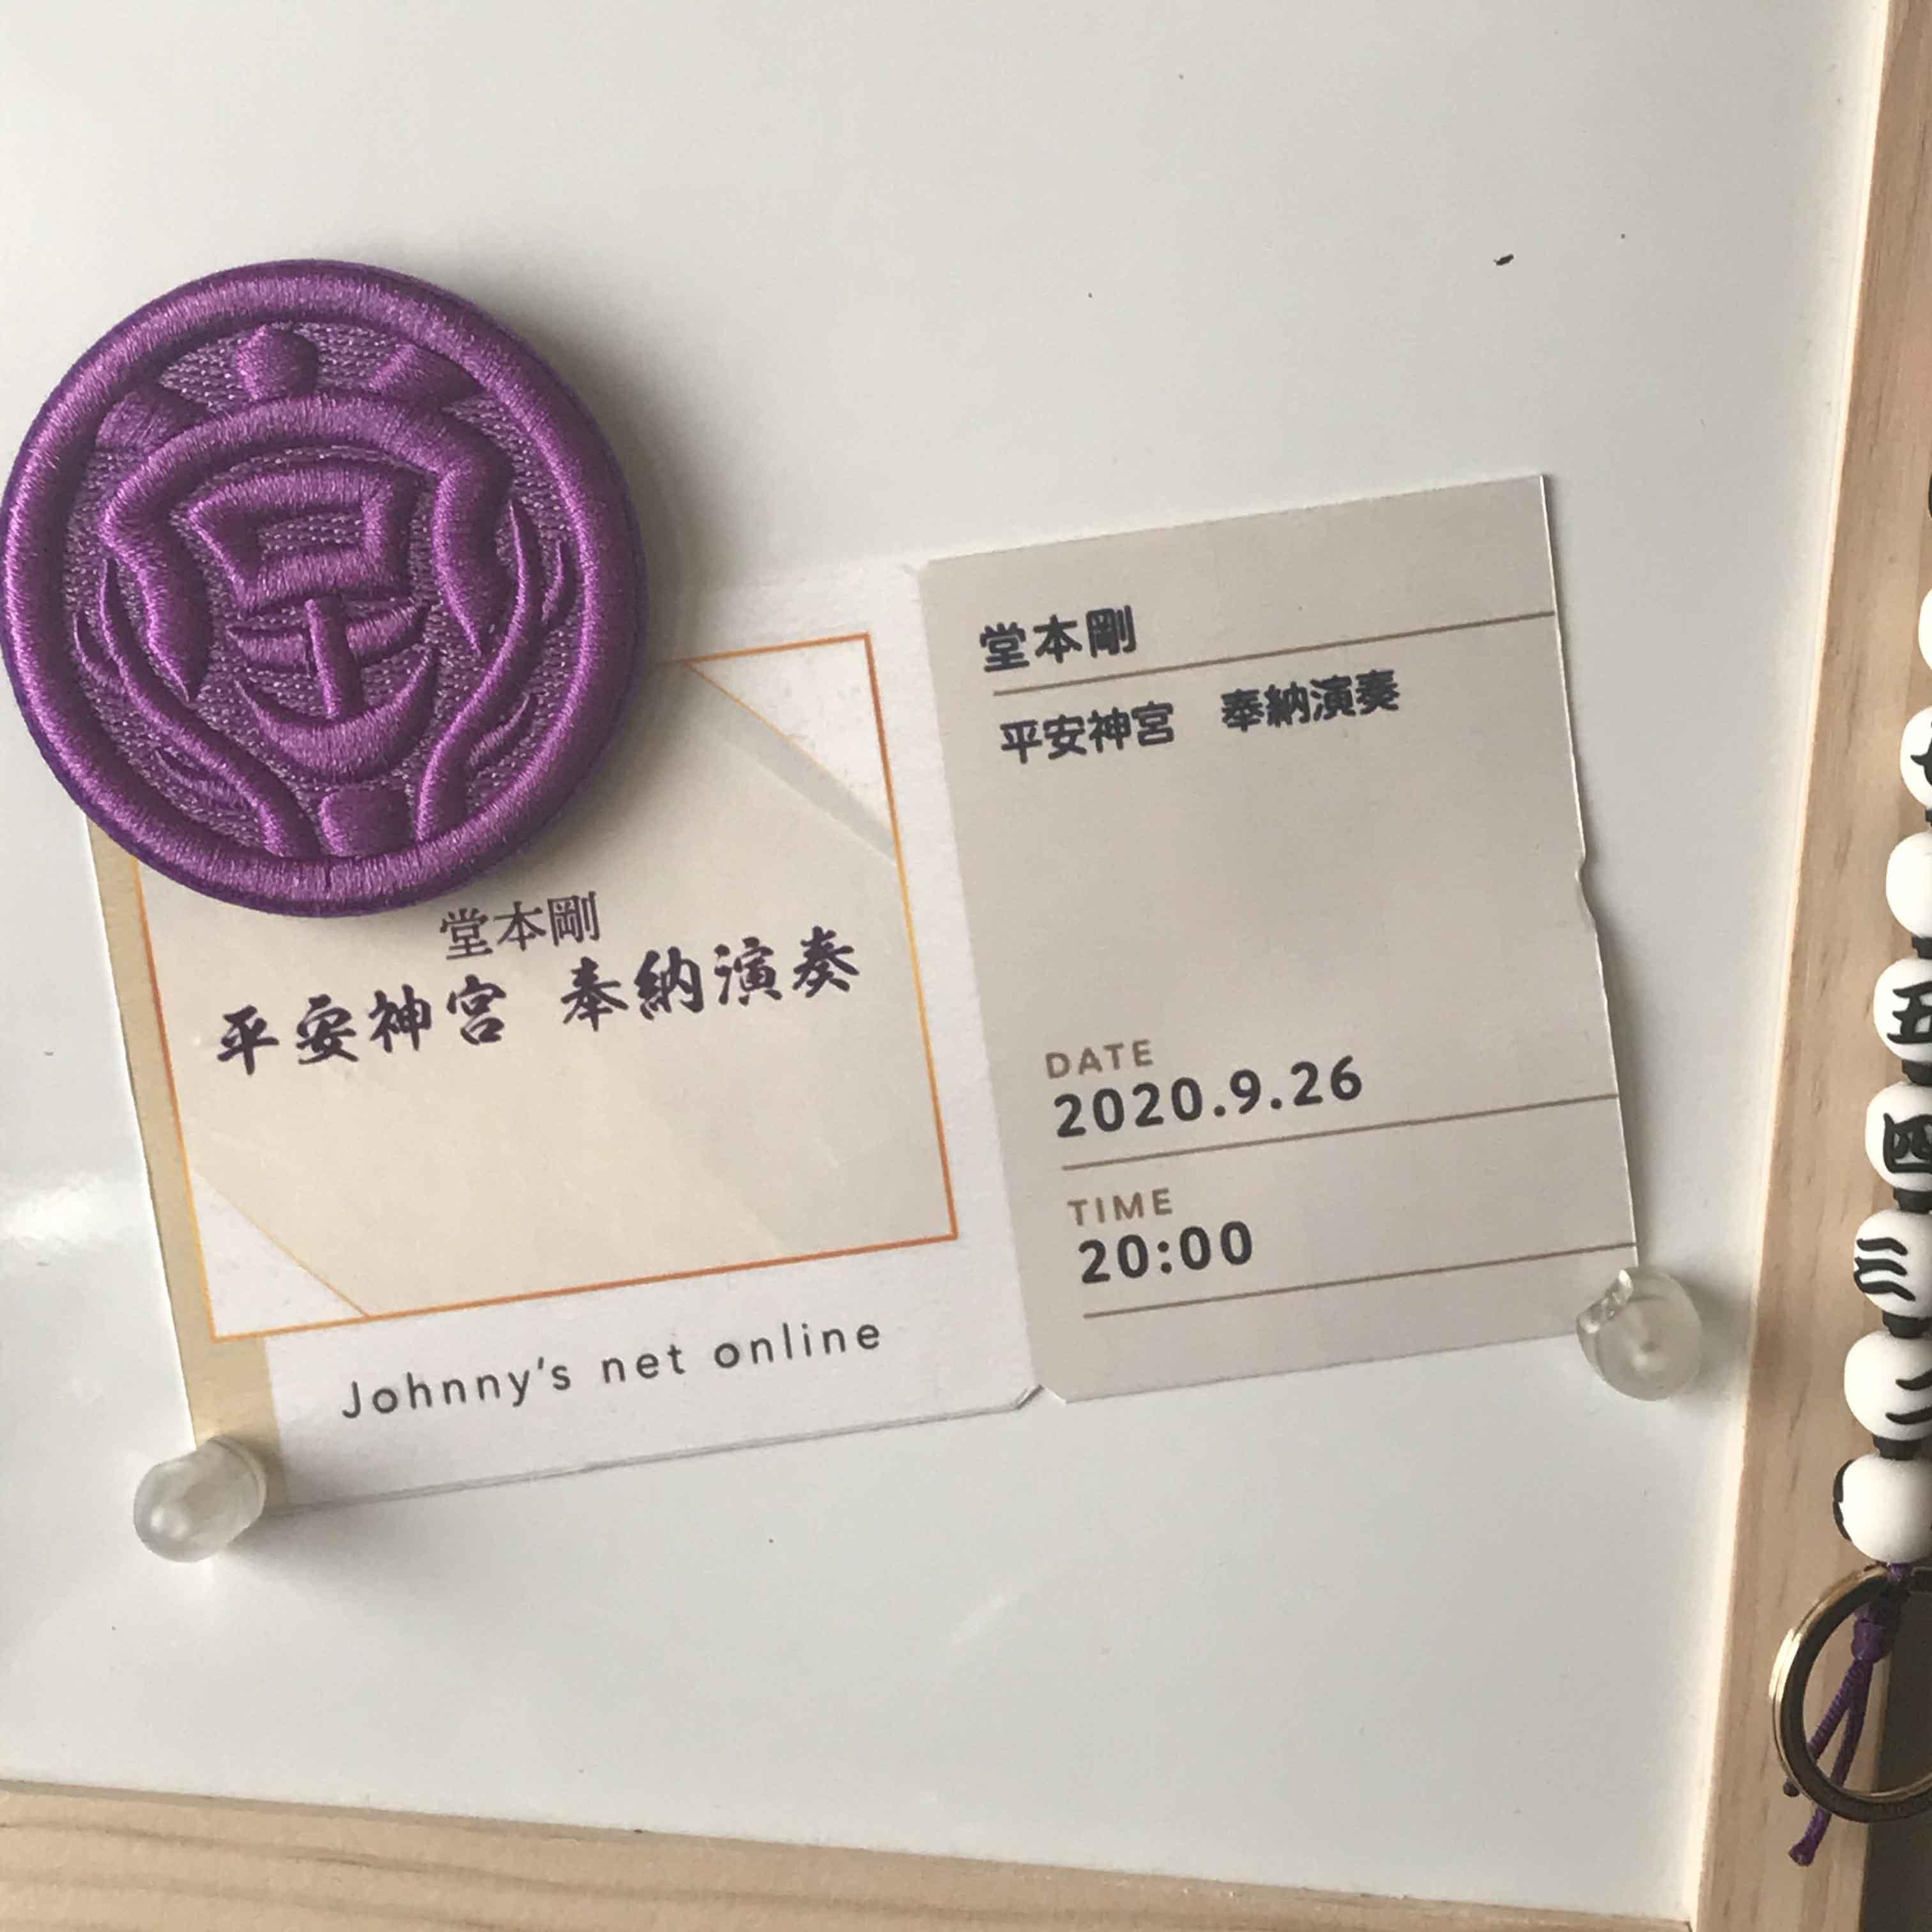 堂本剛ファンブログ 堂本剛、駆け巡る「6月退所説」で浮き彫りになったファンとの熱い関係 (2021年2月24日)